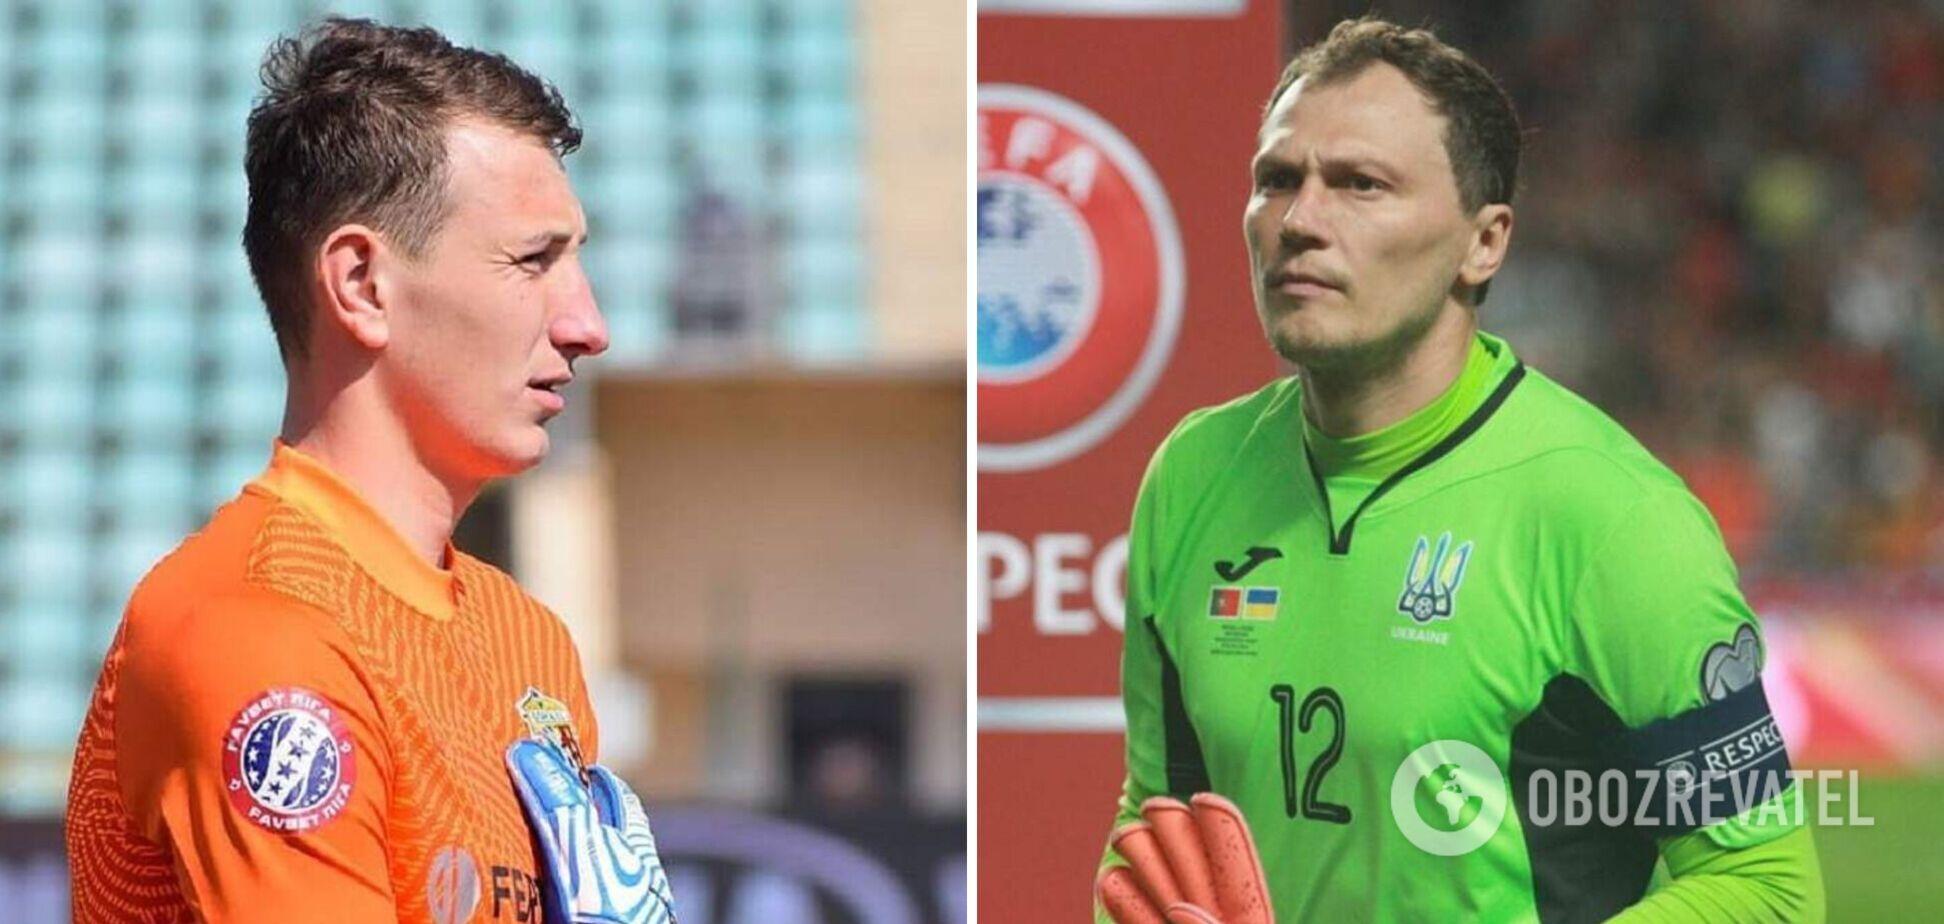 Футболист 'Шахтера' возобновил карьеру в сборной Украины: что произошло